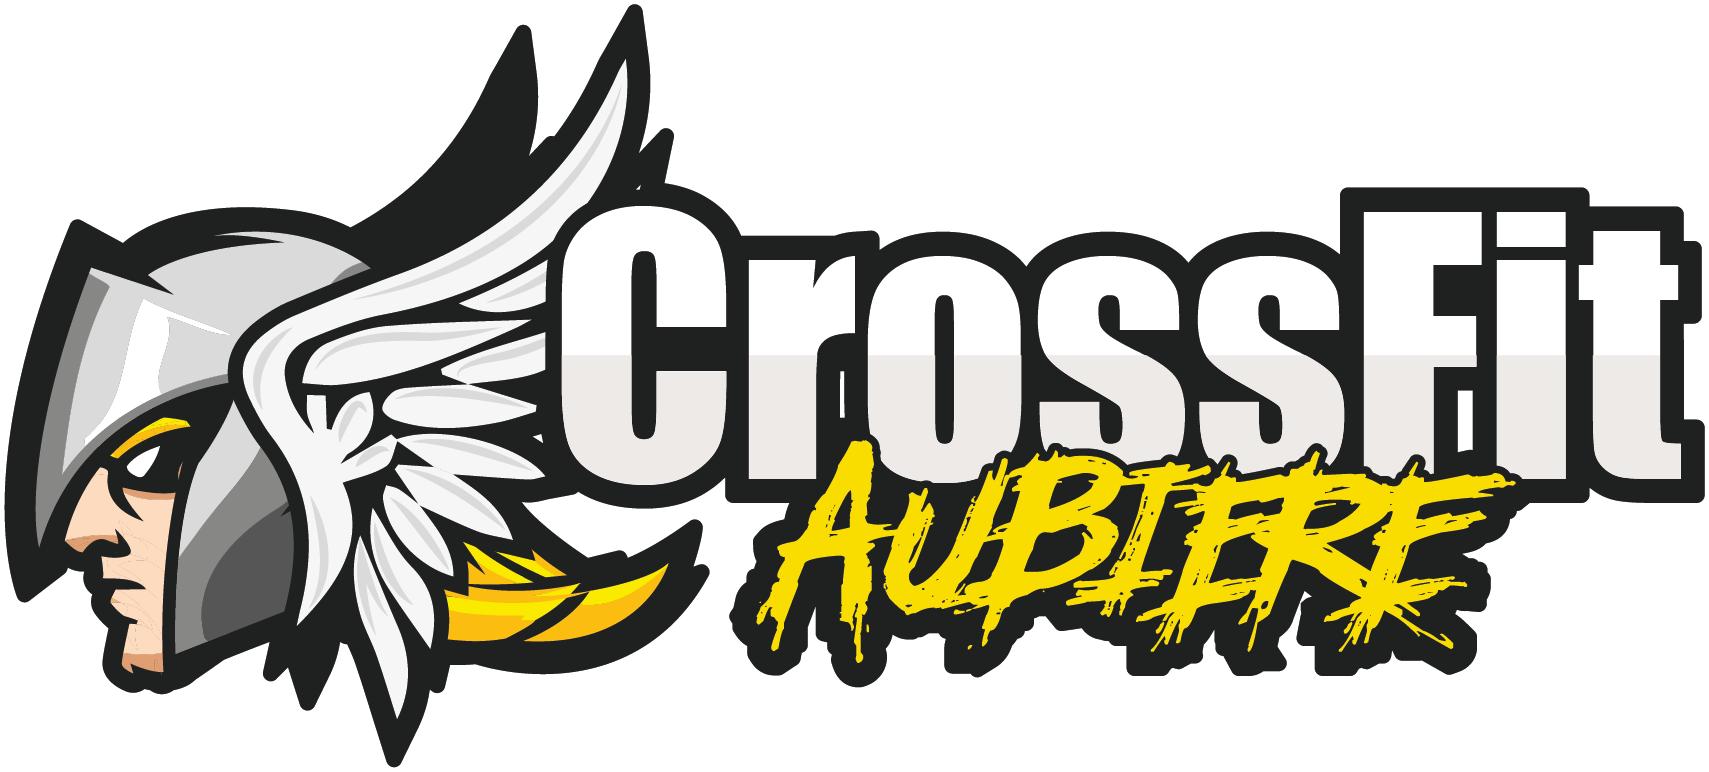 Logo Crossfit Aubiere